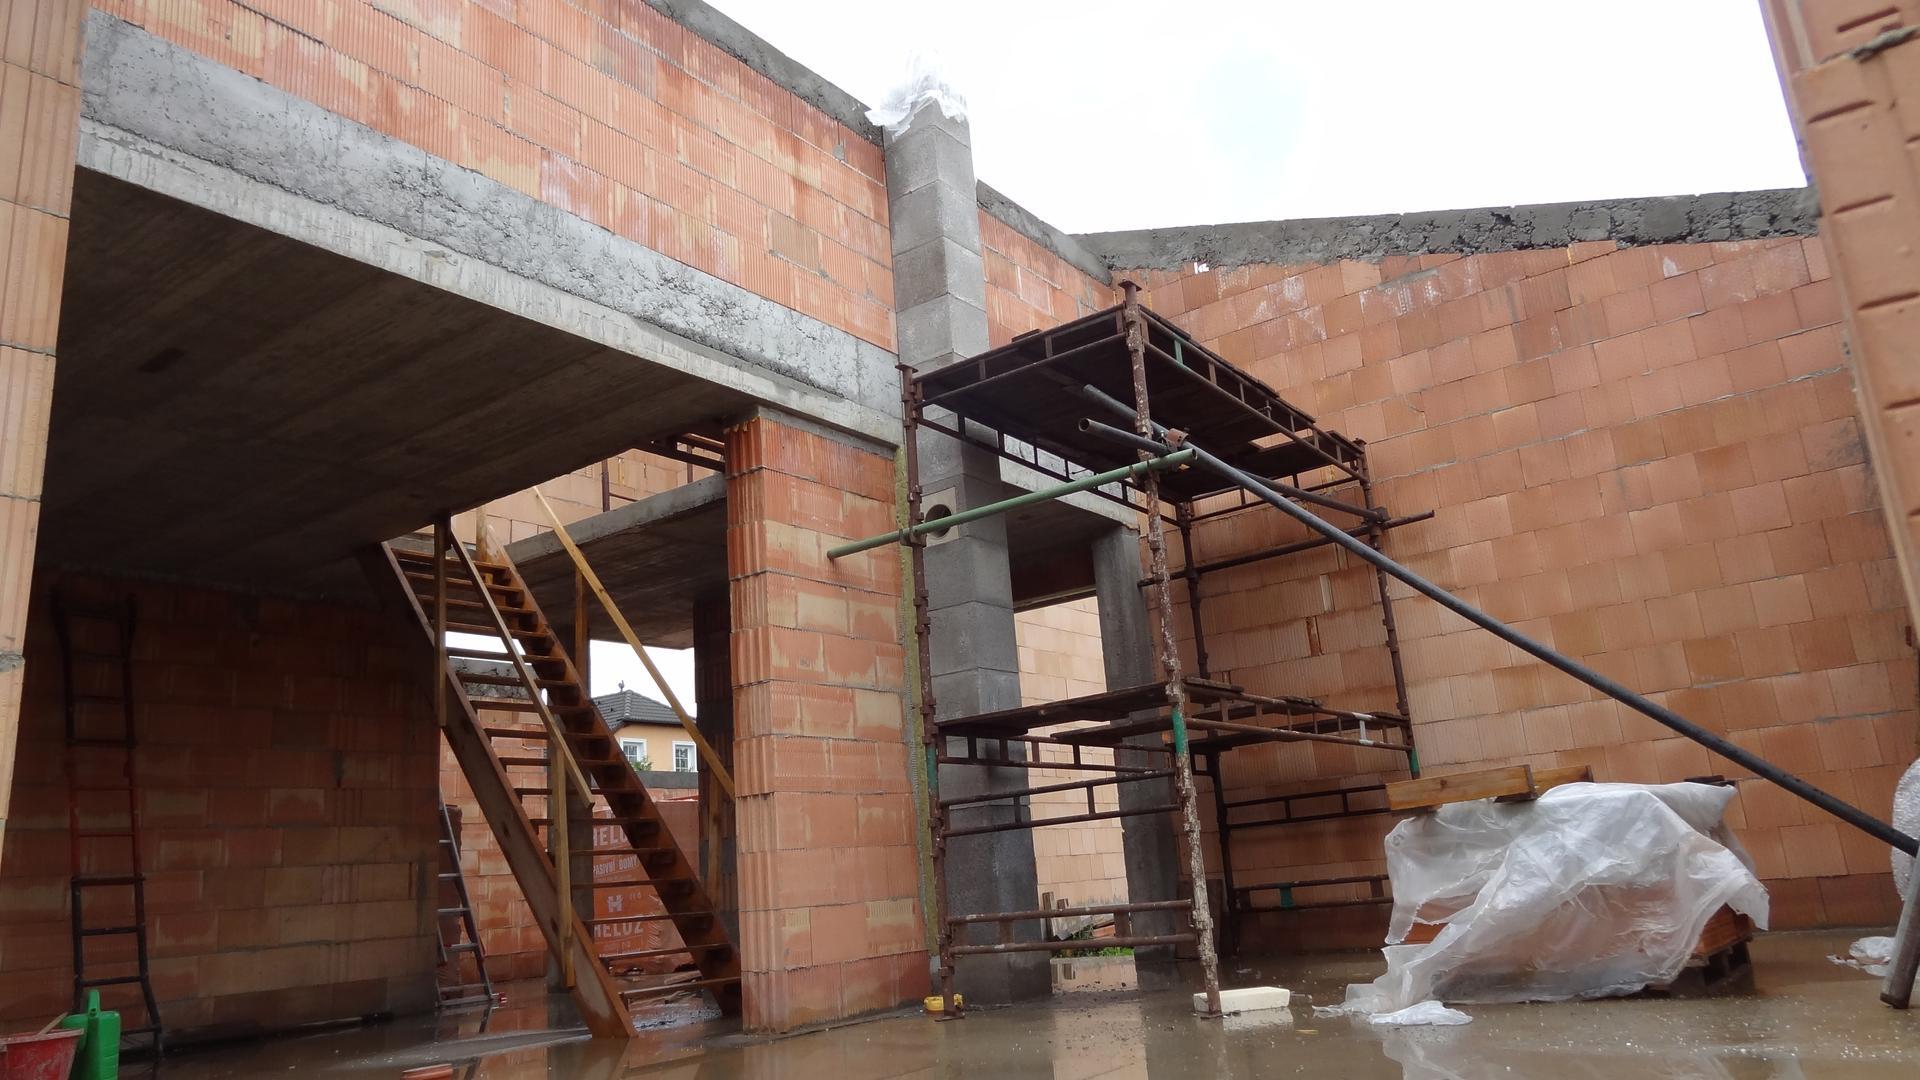 Stavba domečku pokračuje - Ještě kousek...